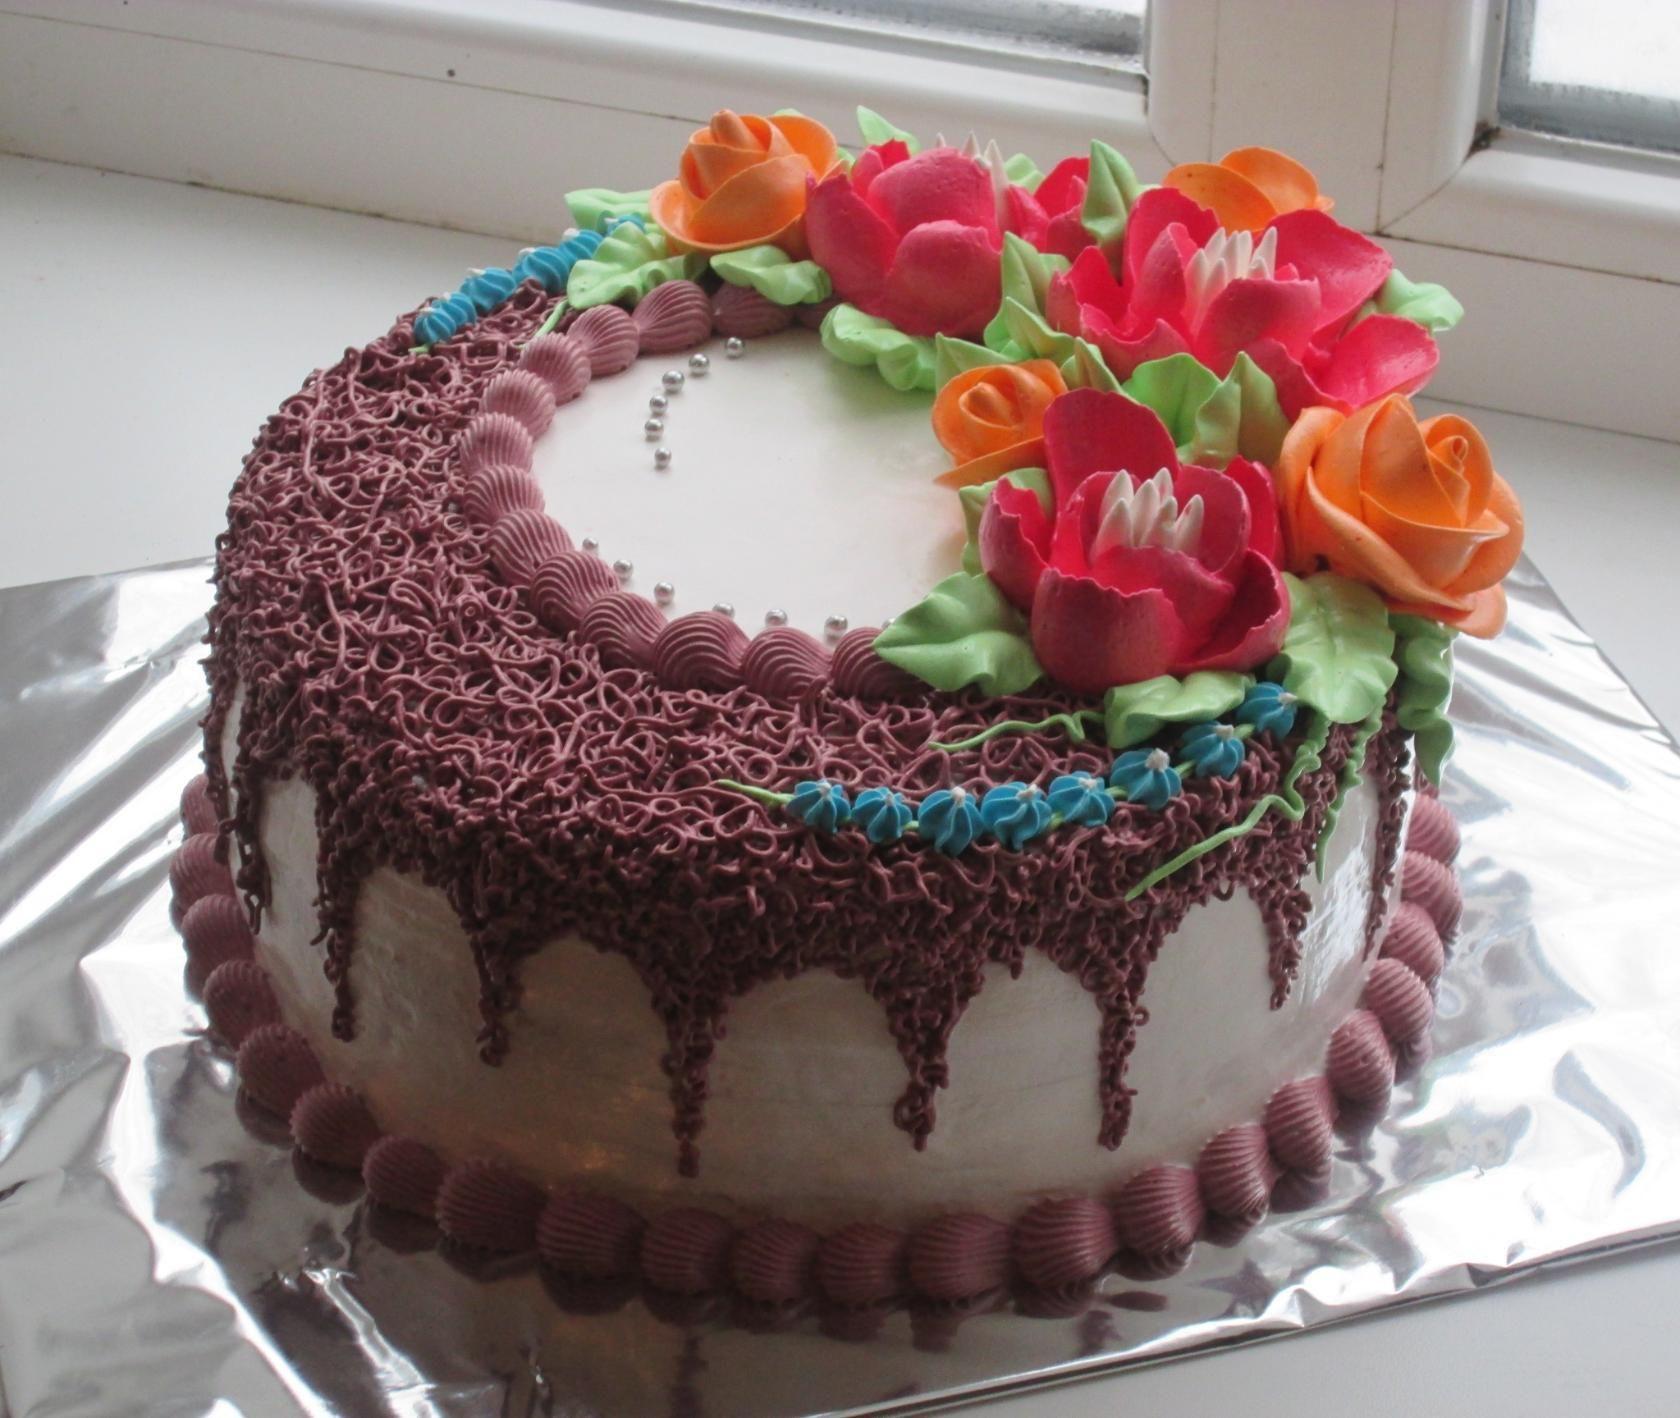 Личное фото | Кремовый торт, Торт и Украшение тортов